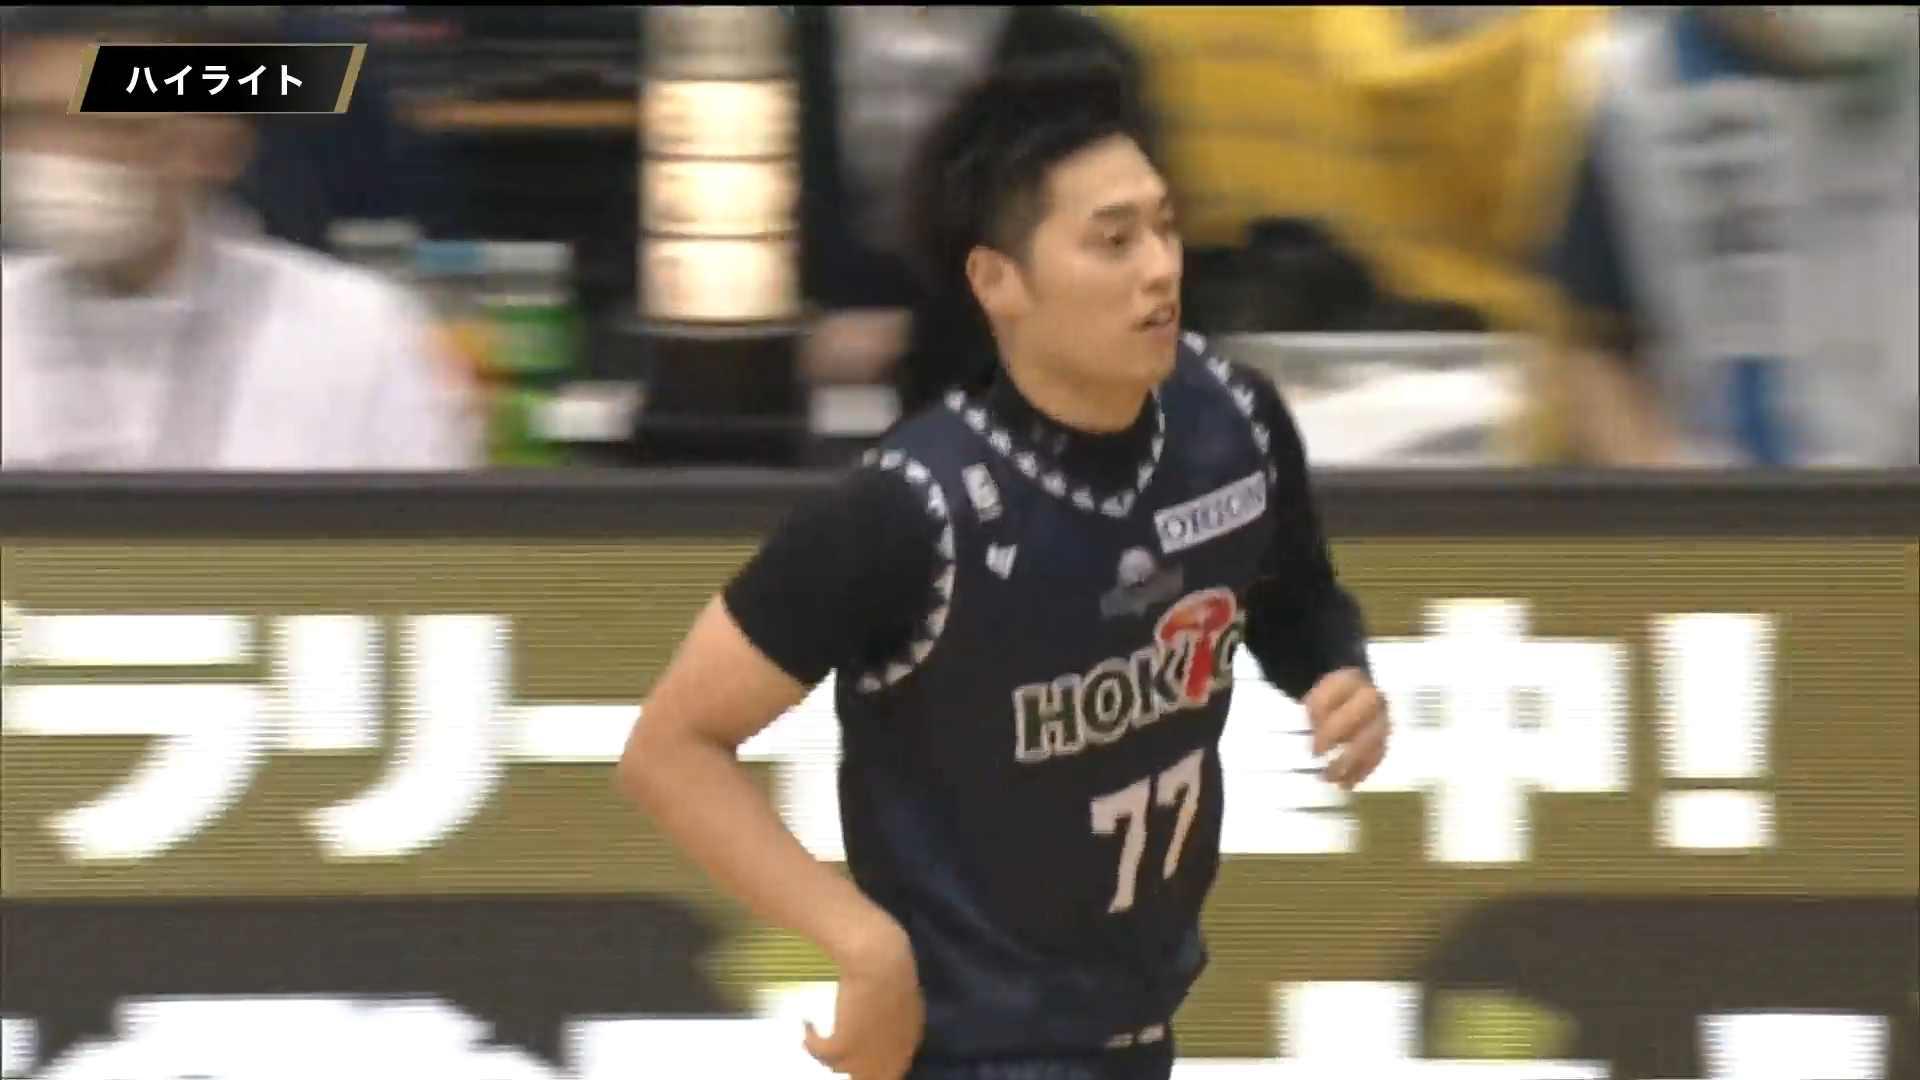 【ハイライト】10/10 信州 vs 横浜(21-22 B1第2節)